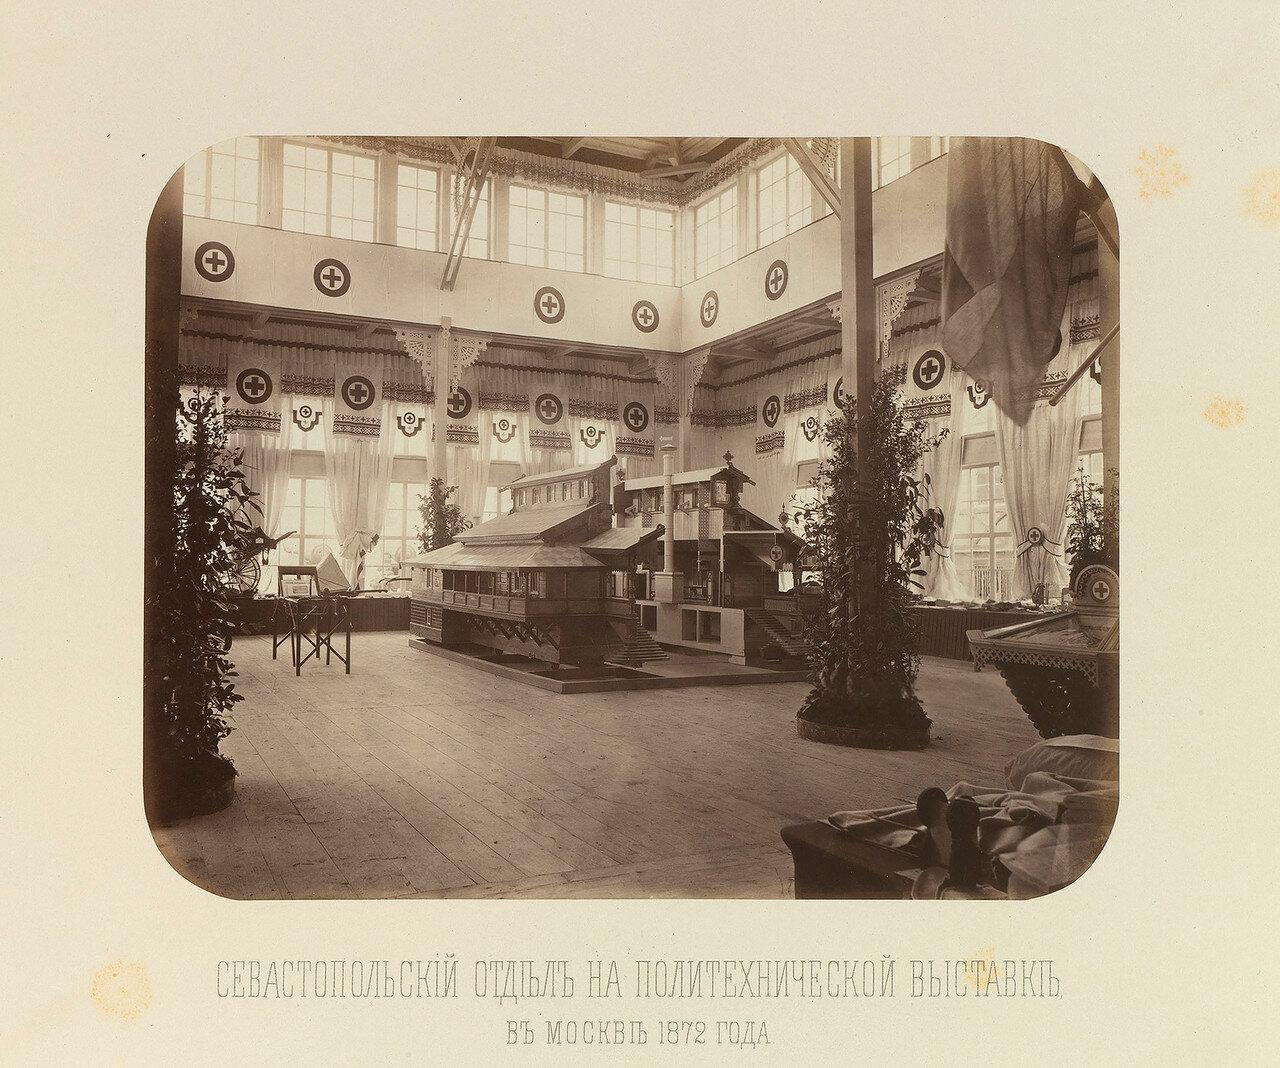 00. г. Севастопольский отдел на Политехнической выставке